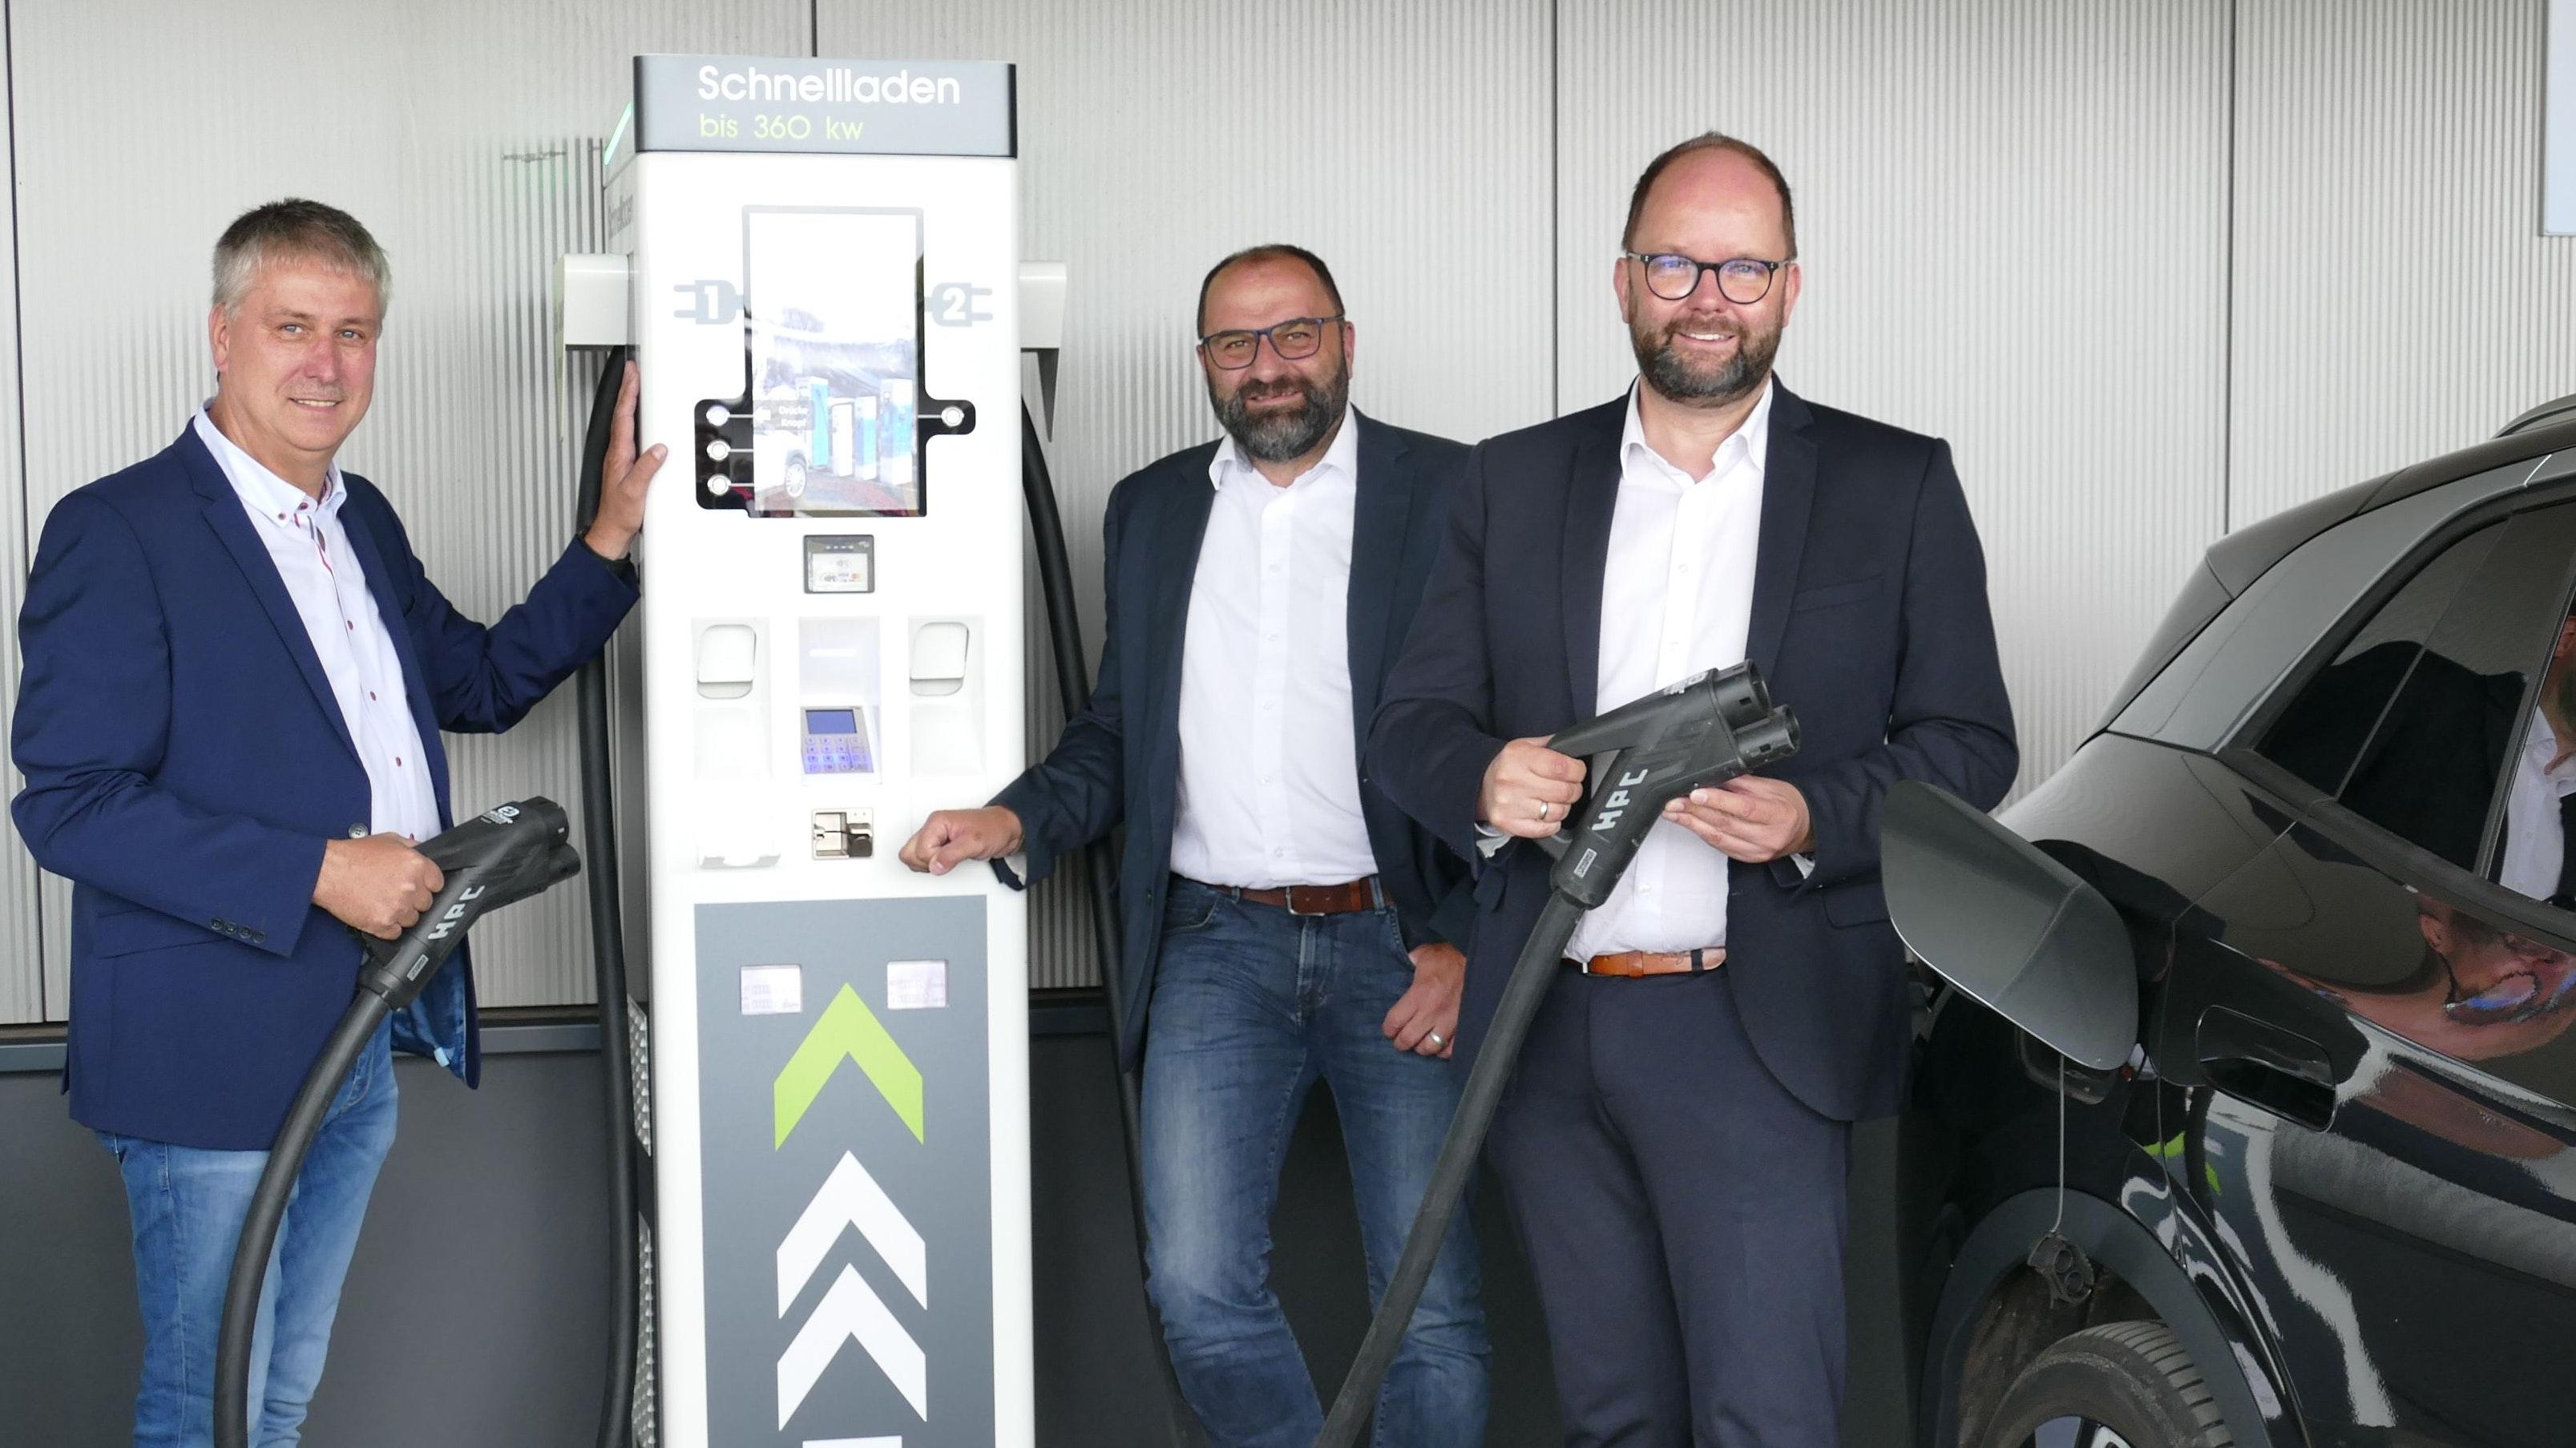 Volltanken bitte: Landrat Johann Wimberg (von rechts), Friesoythes Bürgermeister Sven Stratmann und Unternehmer Bernd Plaggenborg eröffneten am Freitag einen großen Ladepark für E-Autos am C-Port. Foto: Stix